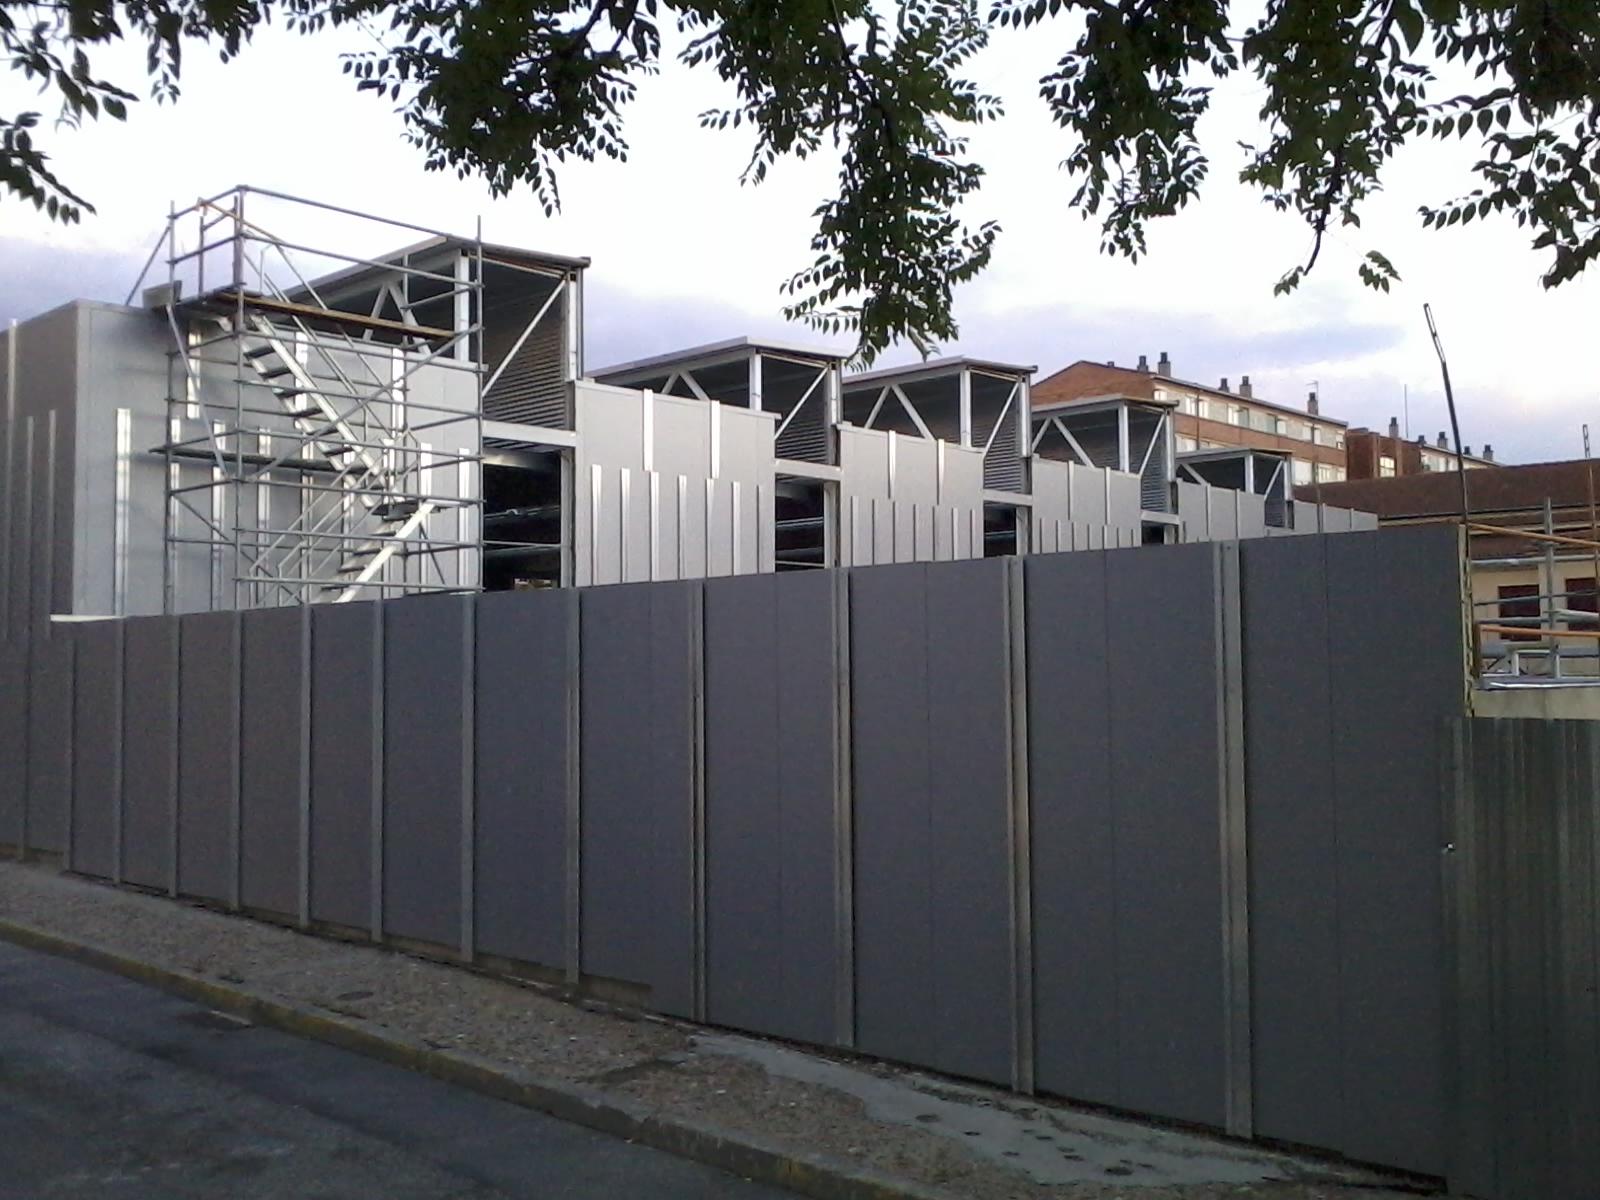 Un nuevo curso sin polideportivo en el CEIP El Peñascal